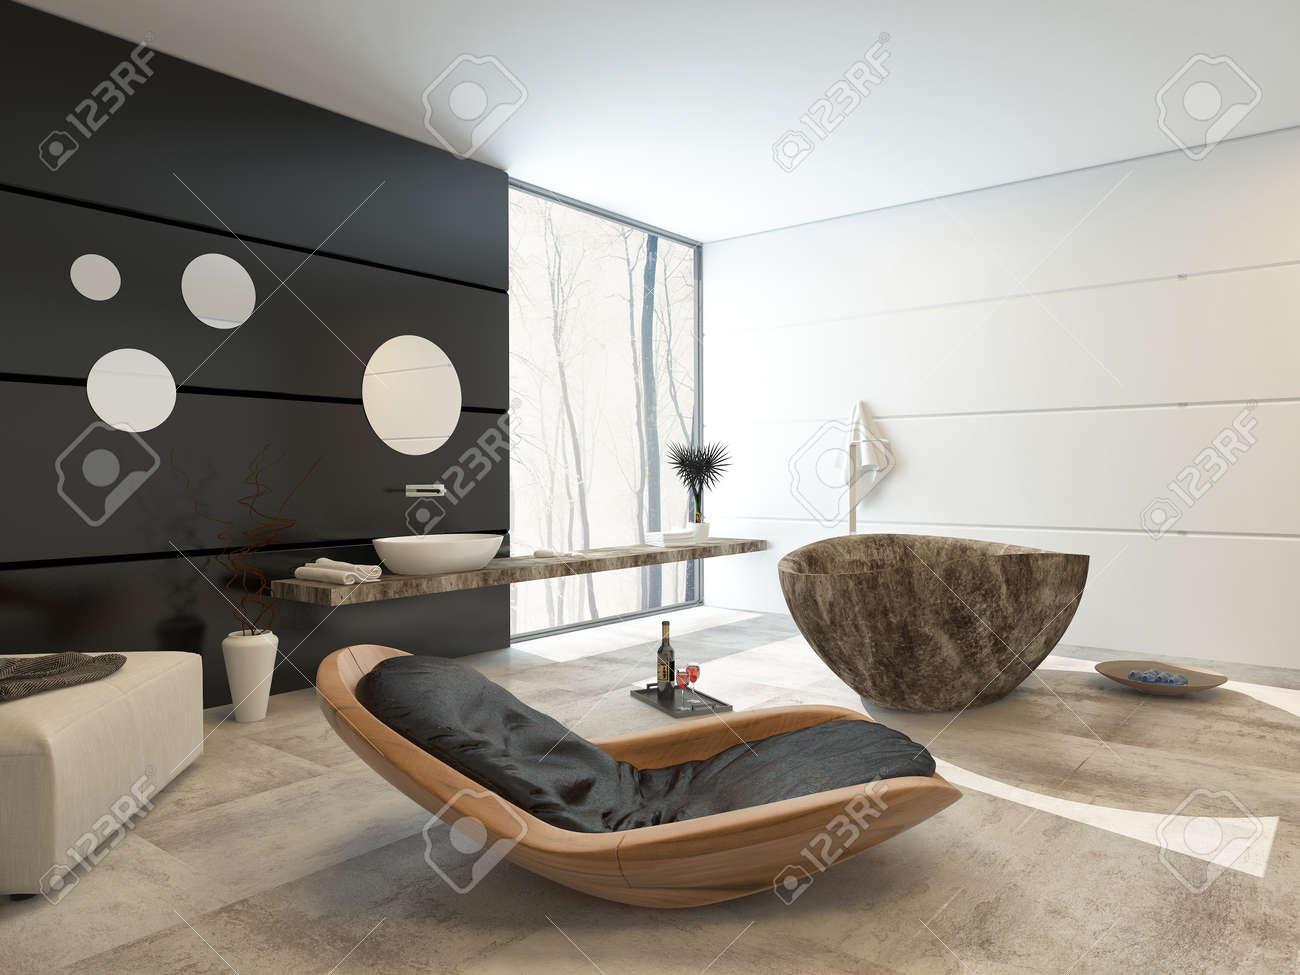 Modernes Design In Einem Luxus Badezimmer Interieur Mit Einem Gemütlichen  Holz Lehnstuhl, Ottomane,